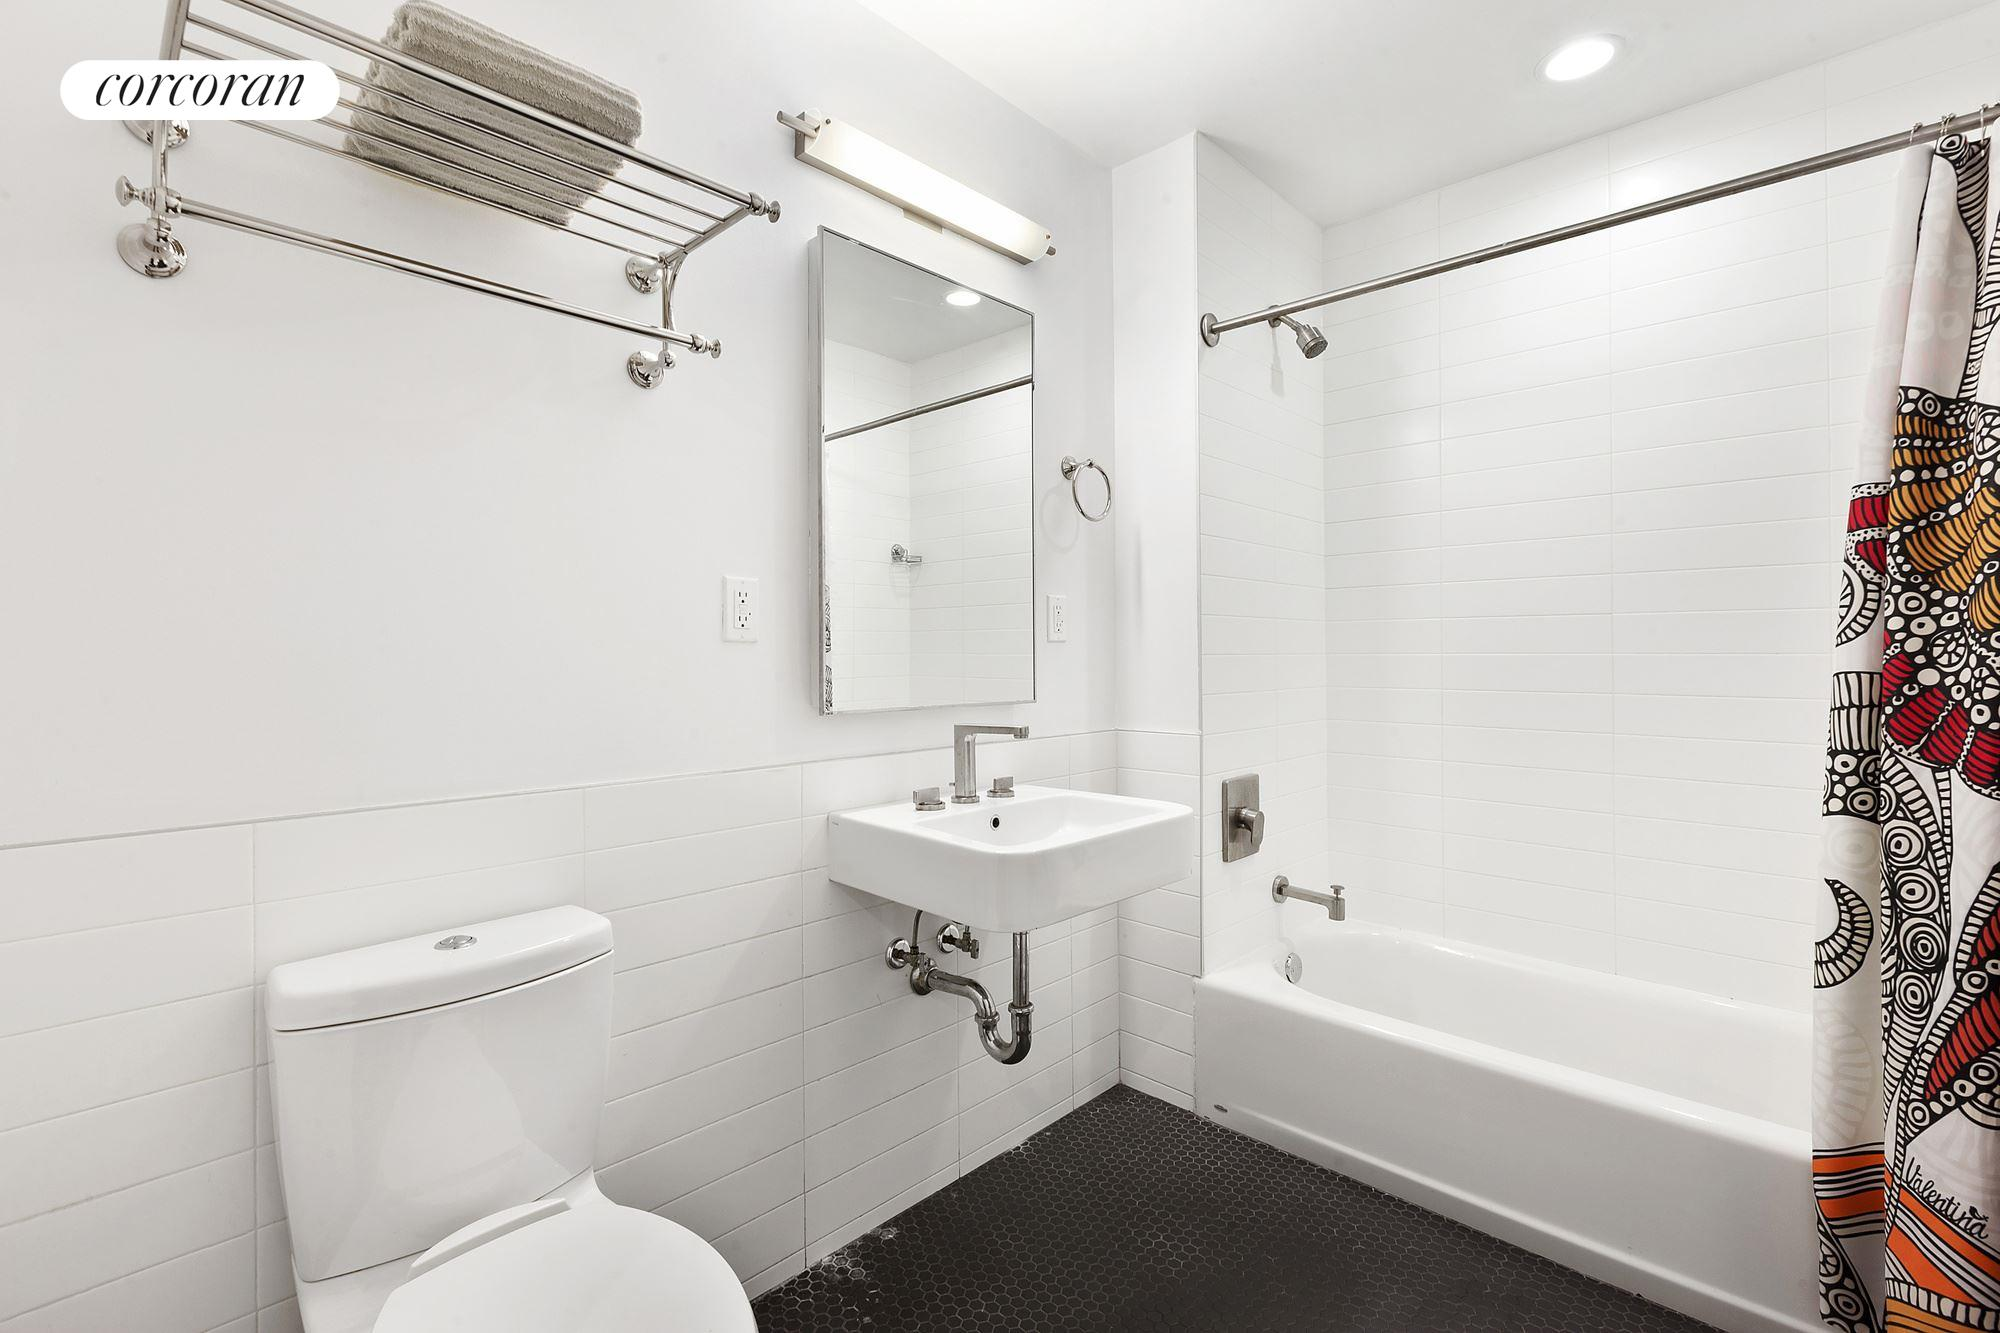 Corcoran, 318 Knickerbocker Avenue, Apt. 3L, Bushwick Real Estate ...